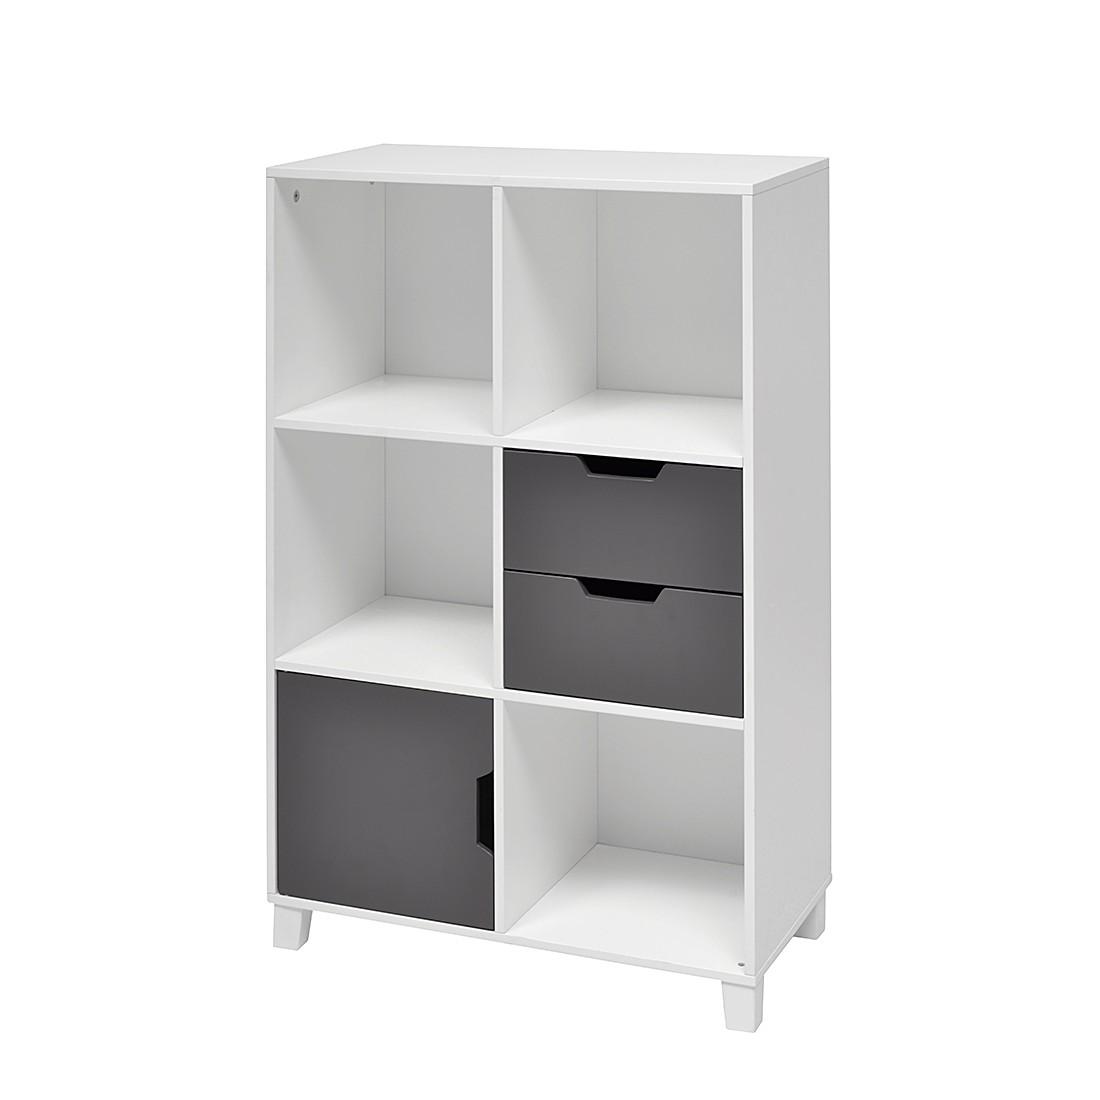 regal 30 cm tief mooved preisvergleiche erfahrungsberichte und kauf bei nextag. Black Bedroom Furniture Sets. Home Design Ideas